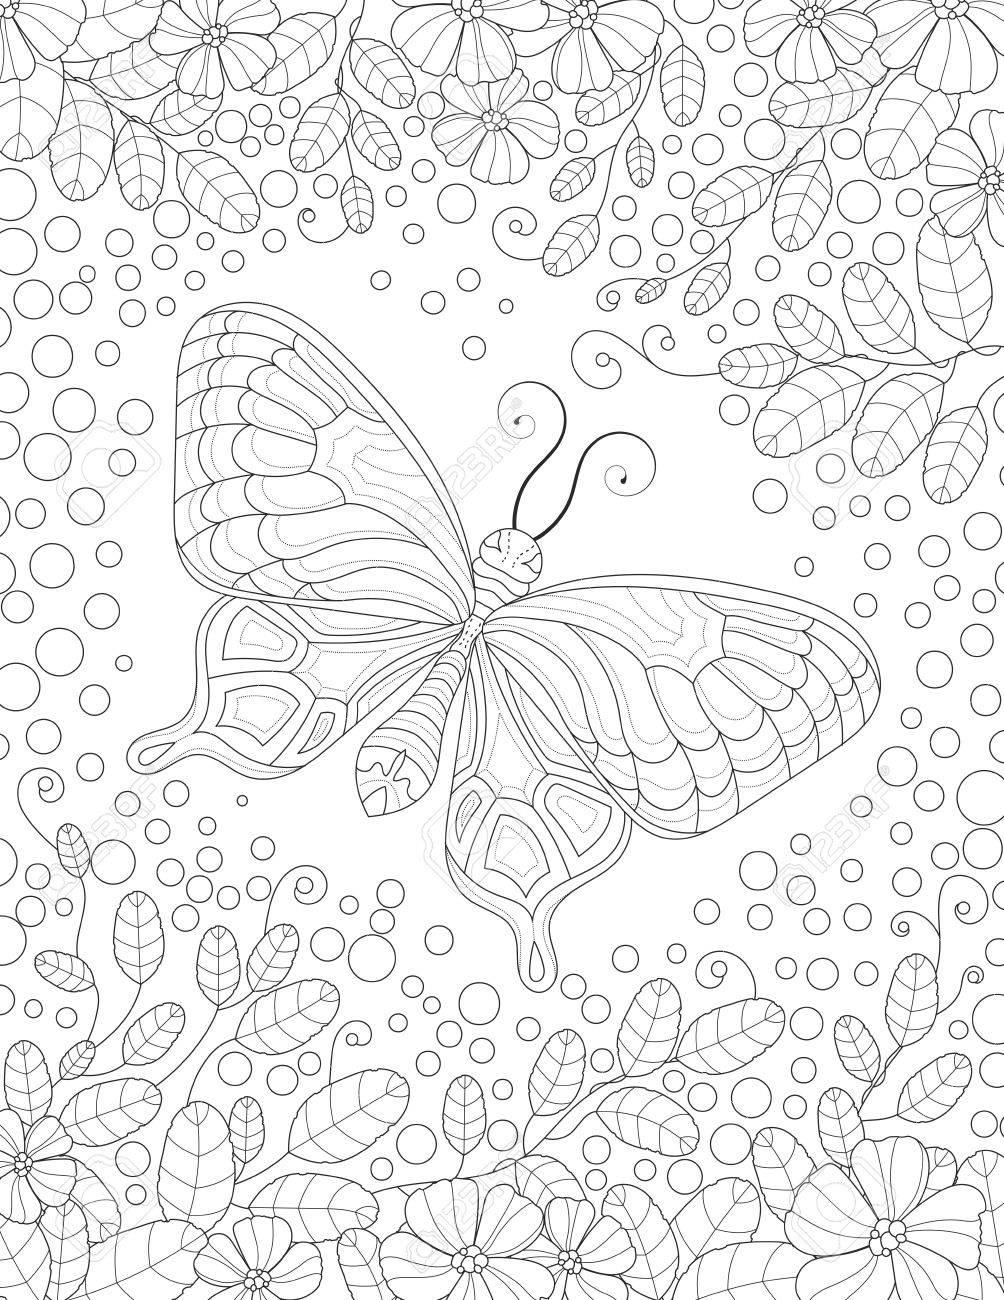 Wunderbar Druckbare Malvorlagen Von Schmetterlingen Bilder ...